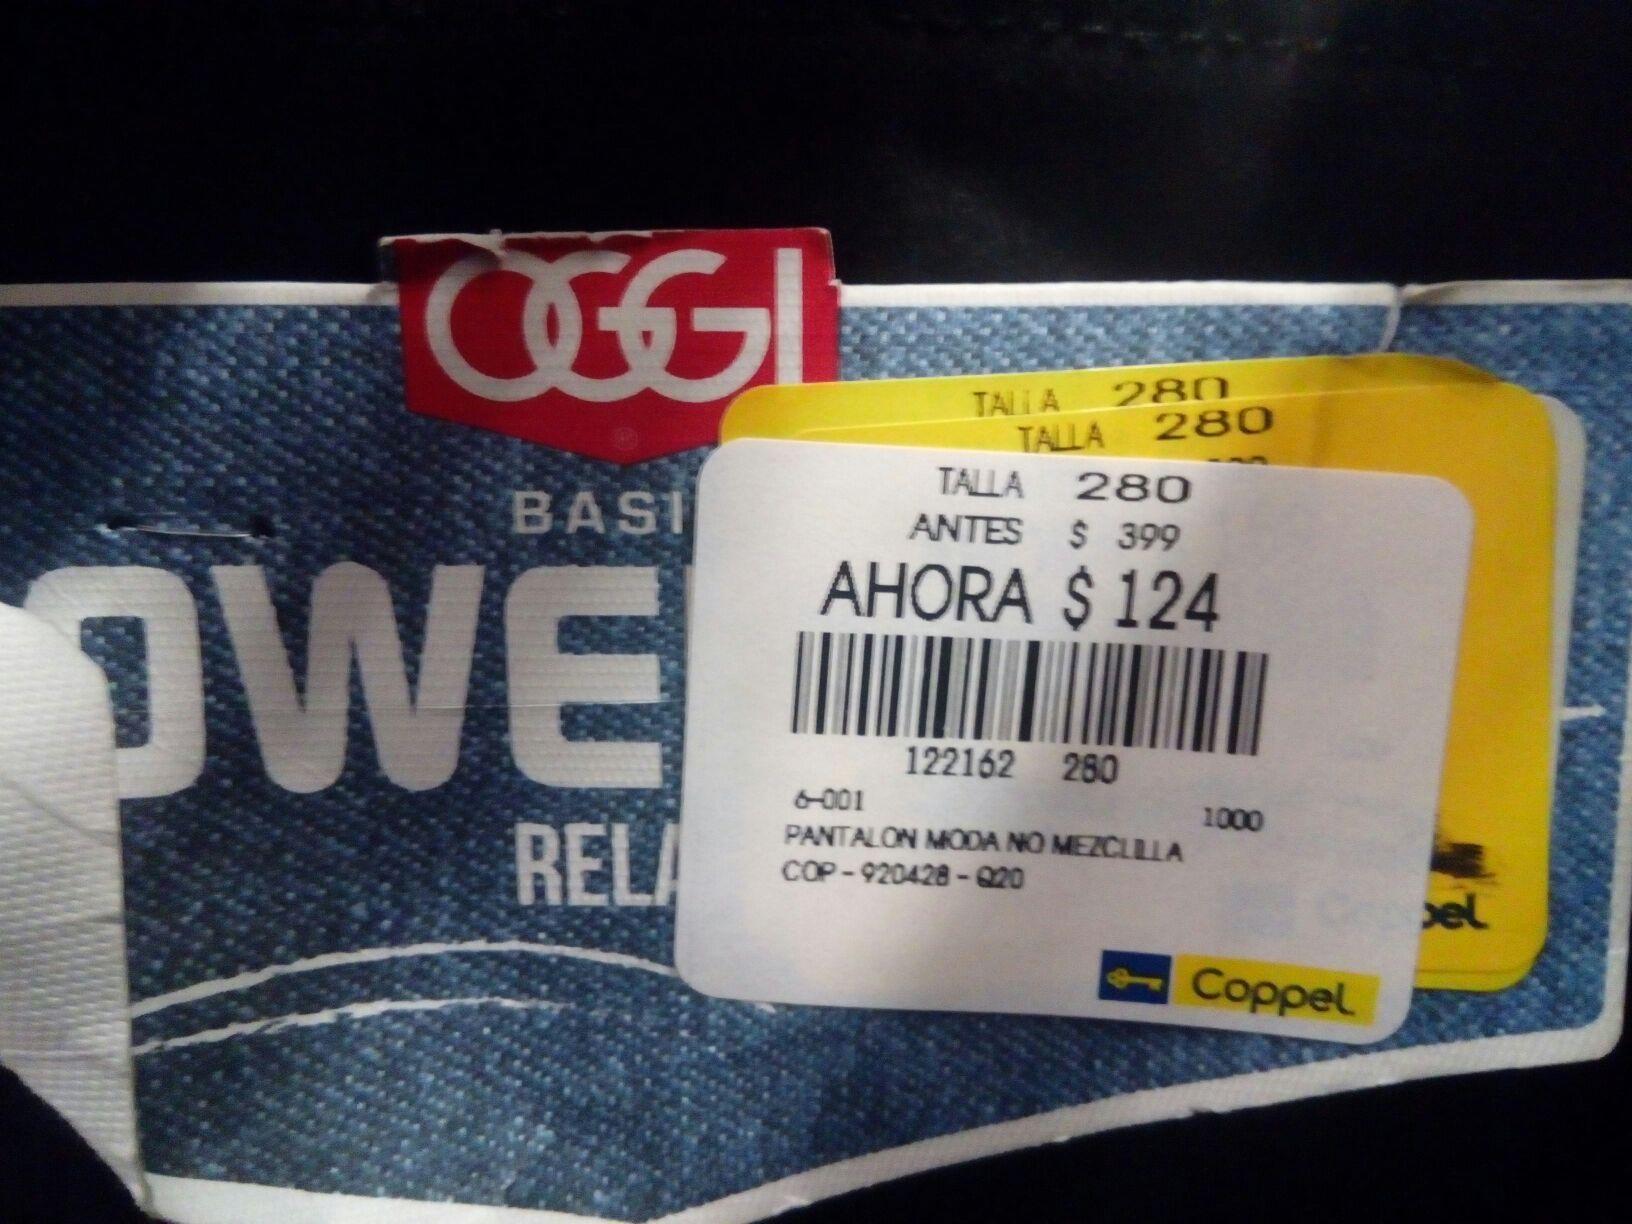 Coppel Zapopan: Oggi jeans negro a $124 y más